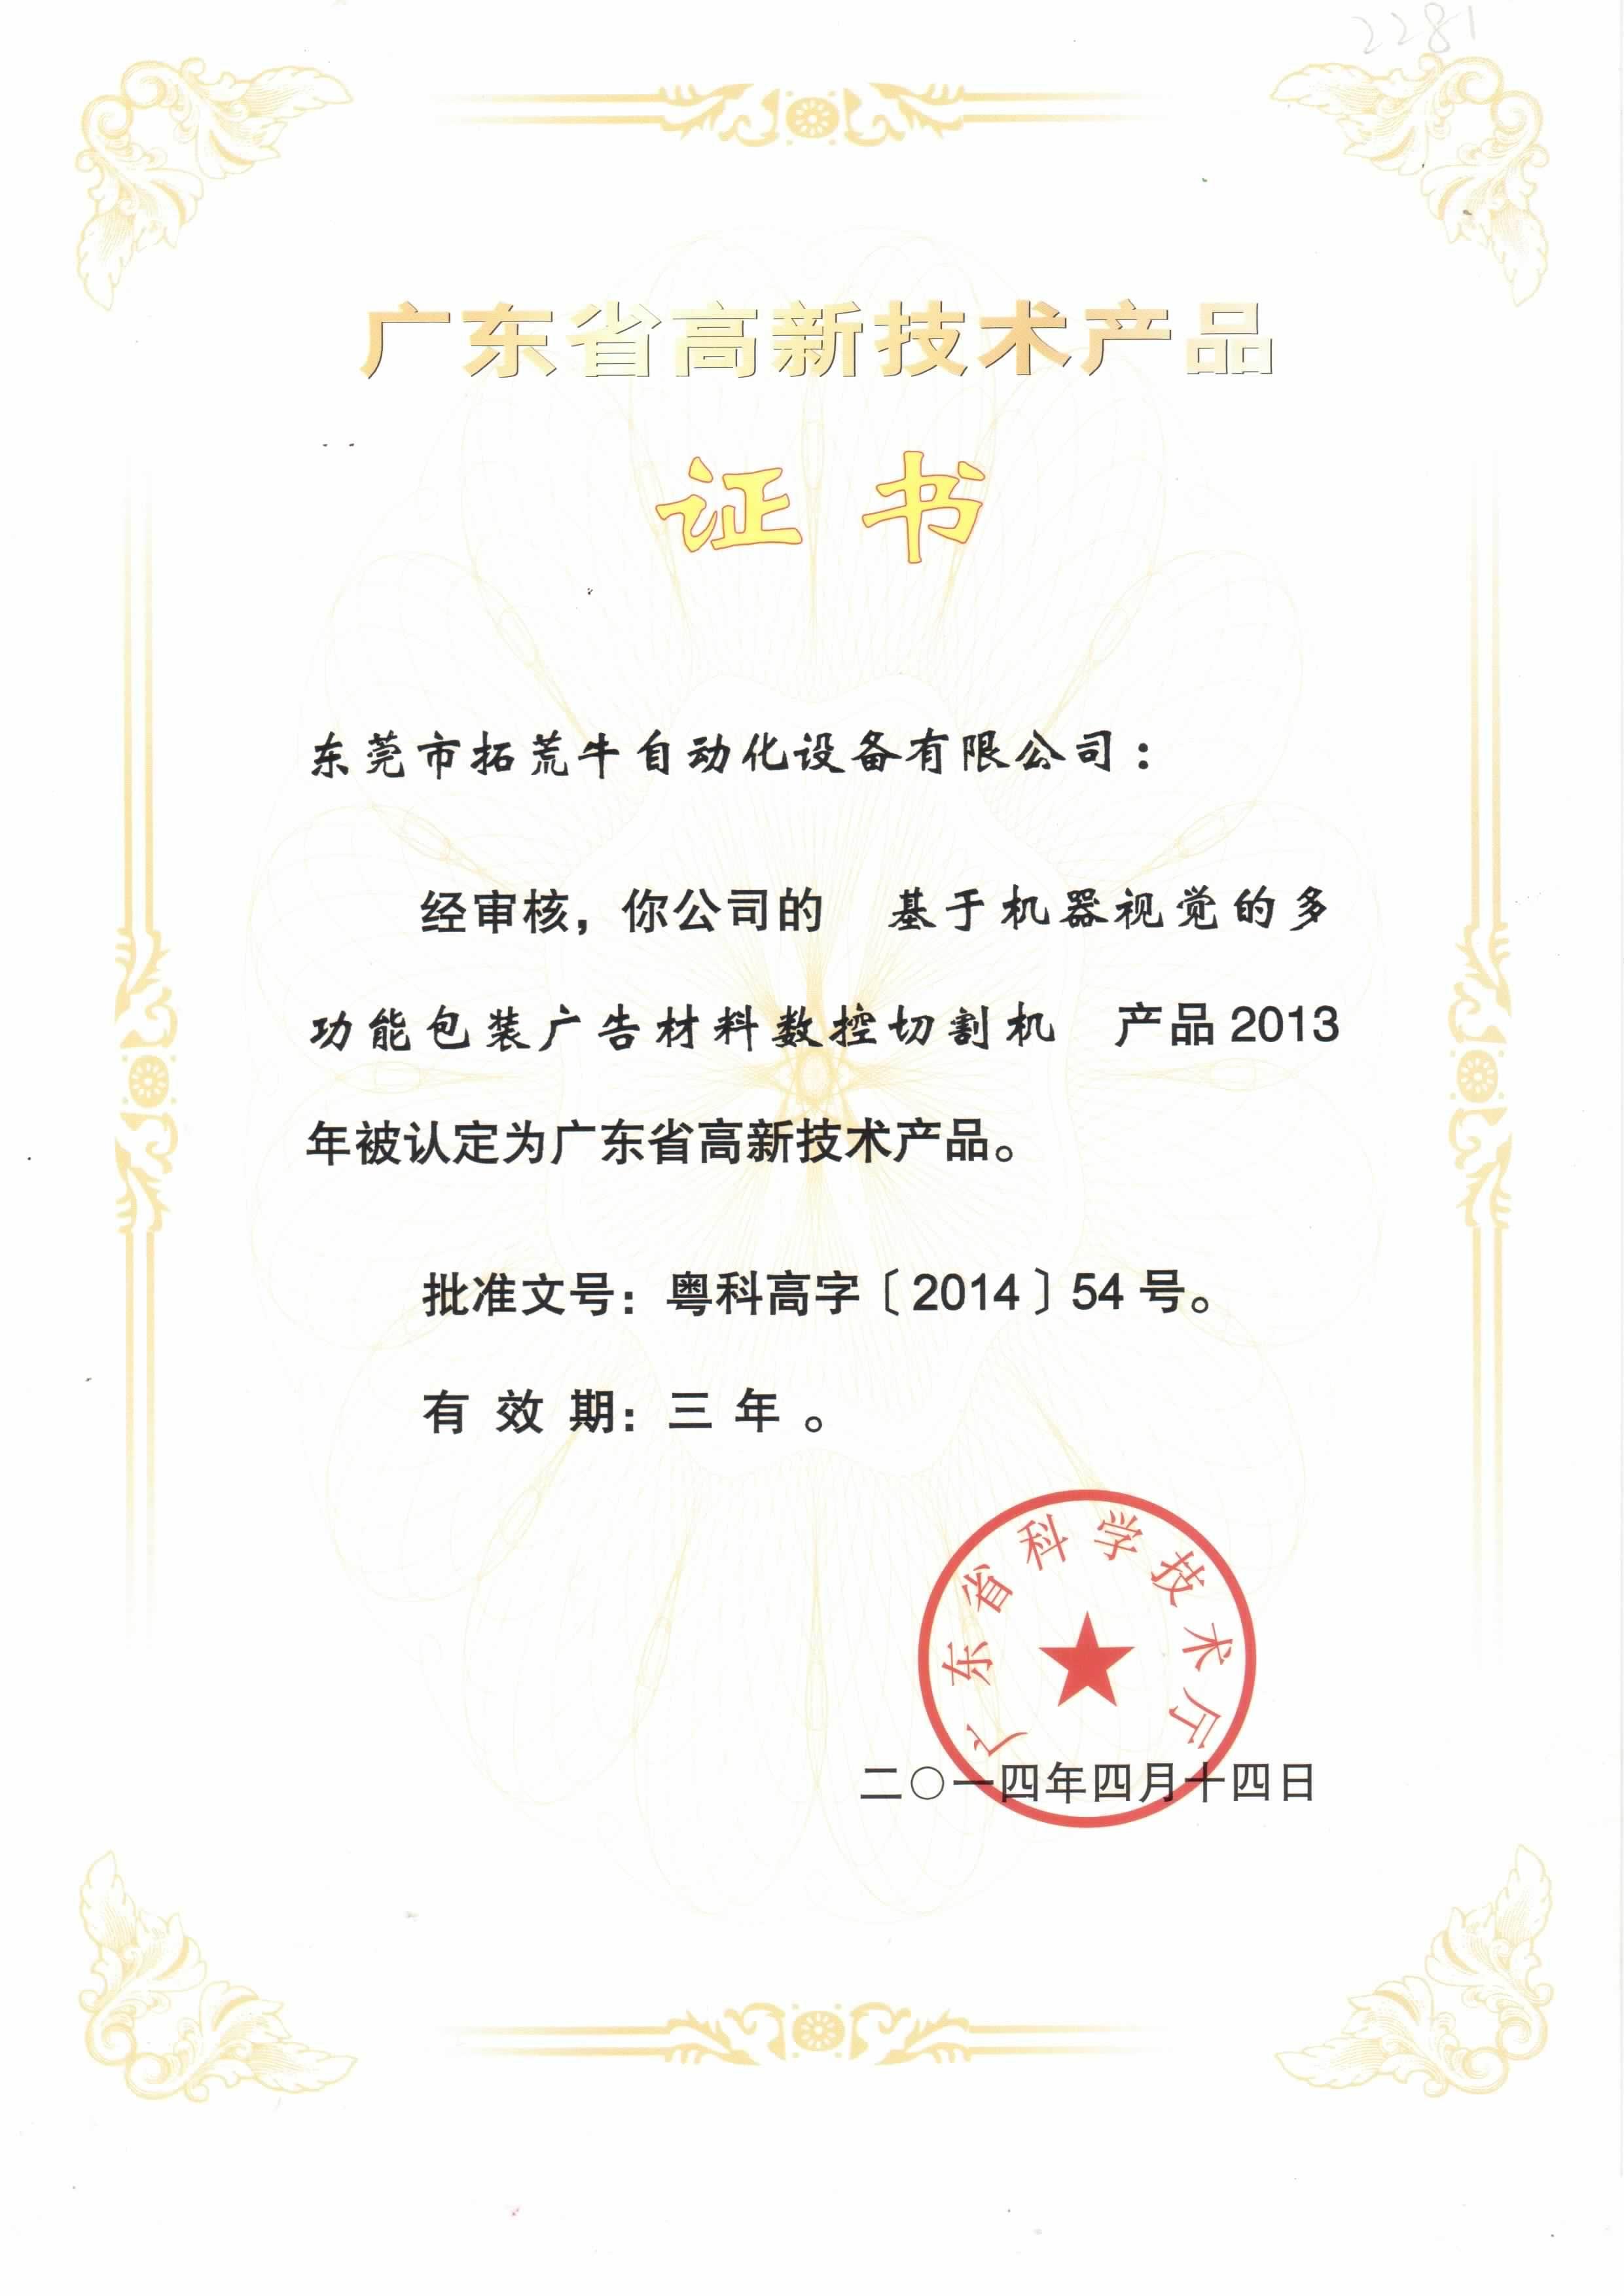 Guangdong high tech product certificate